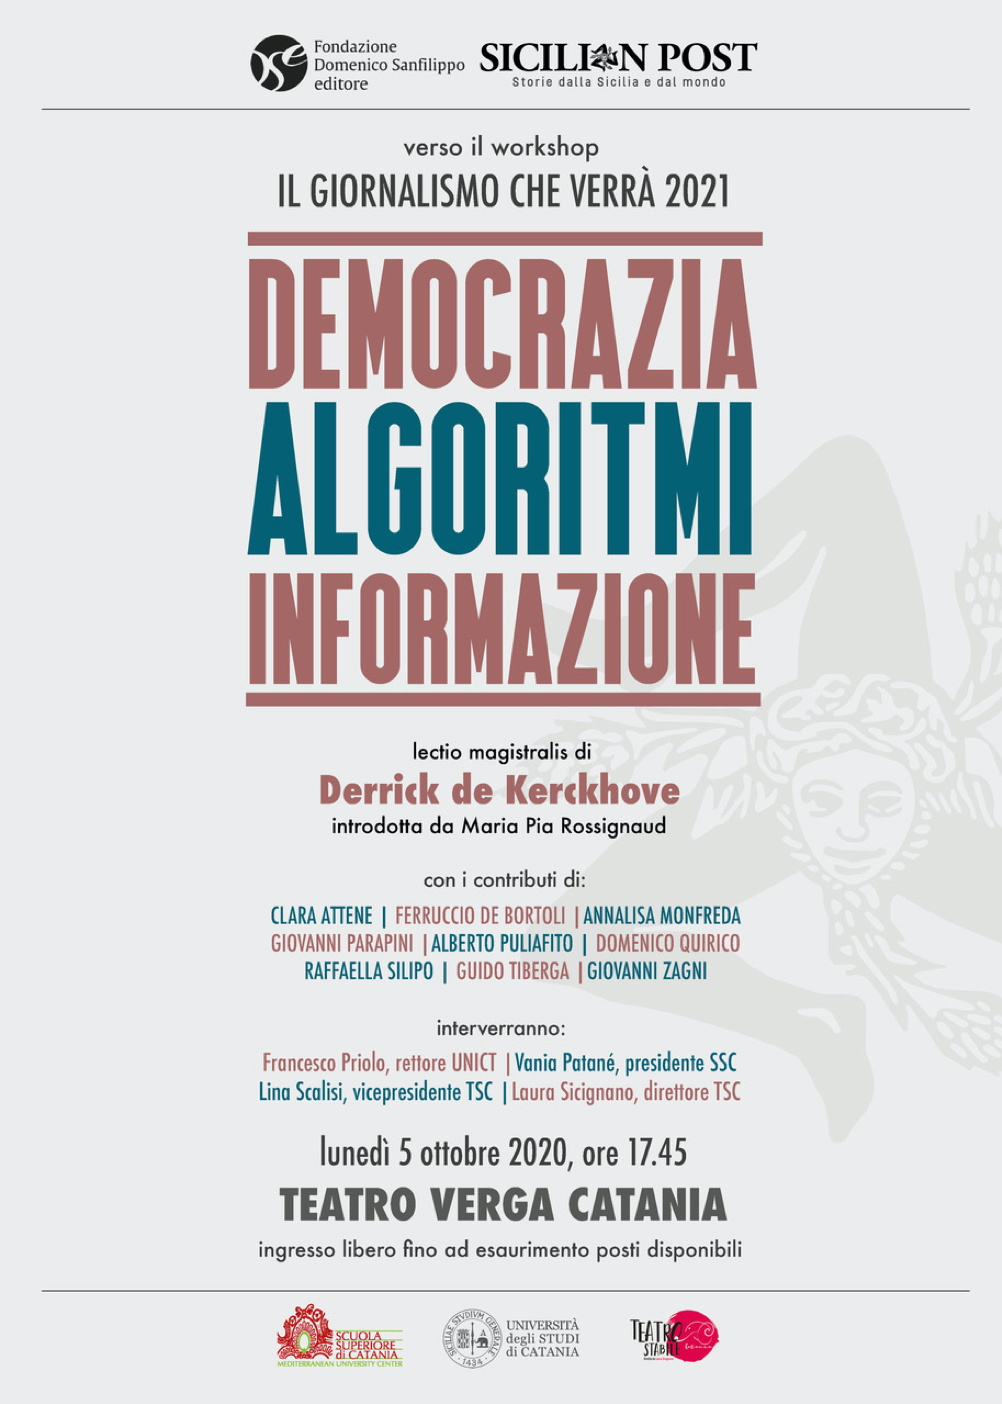 """Democrazia, algoritmi, informazione: a Catania, un'anteprima del workshop """"Il giornalismo che verrà"""""""